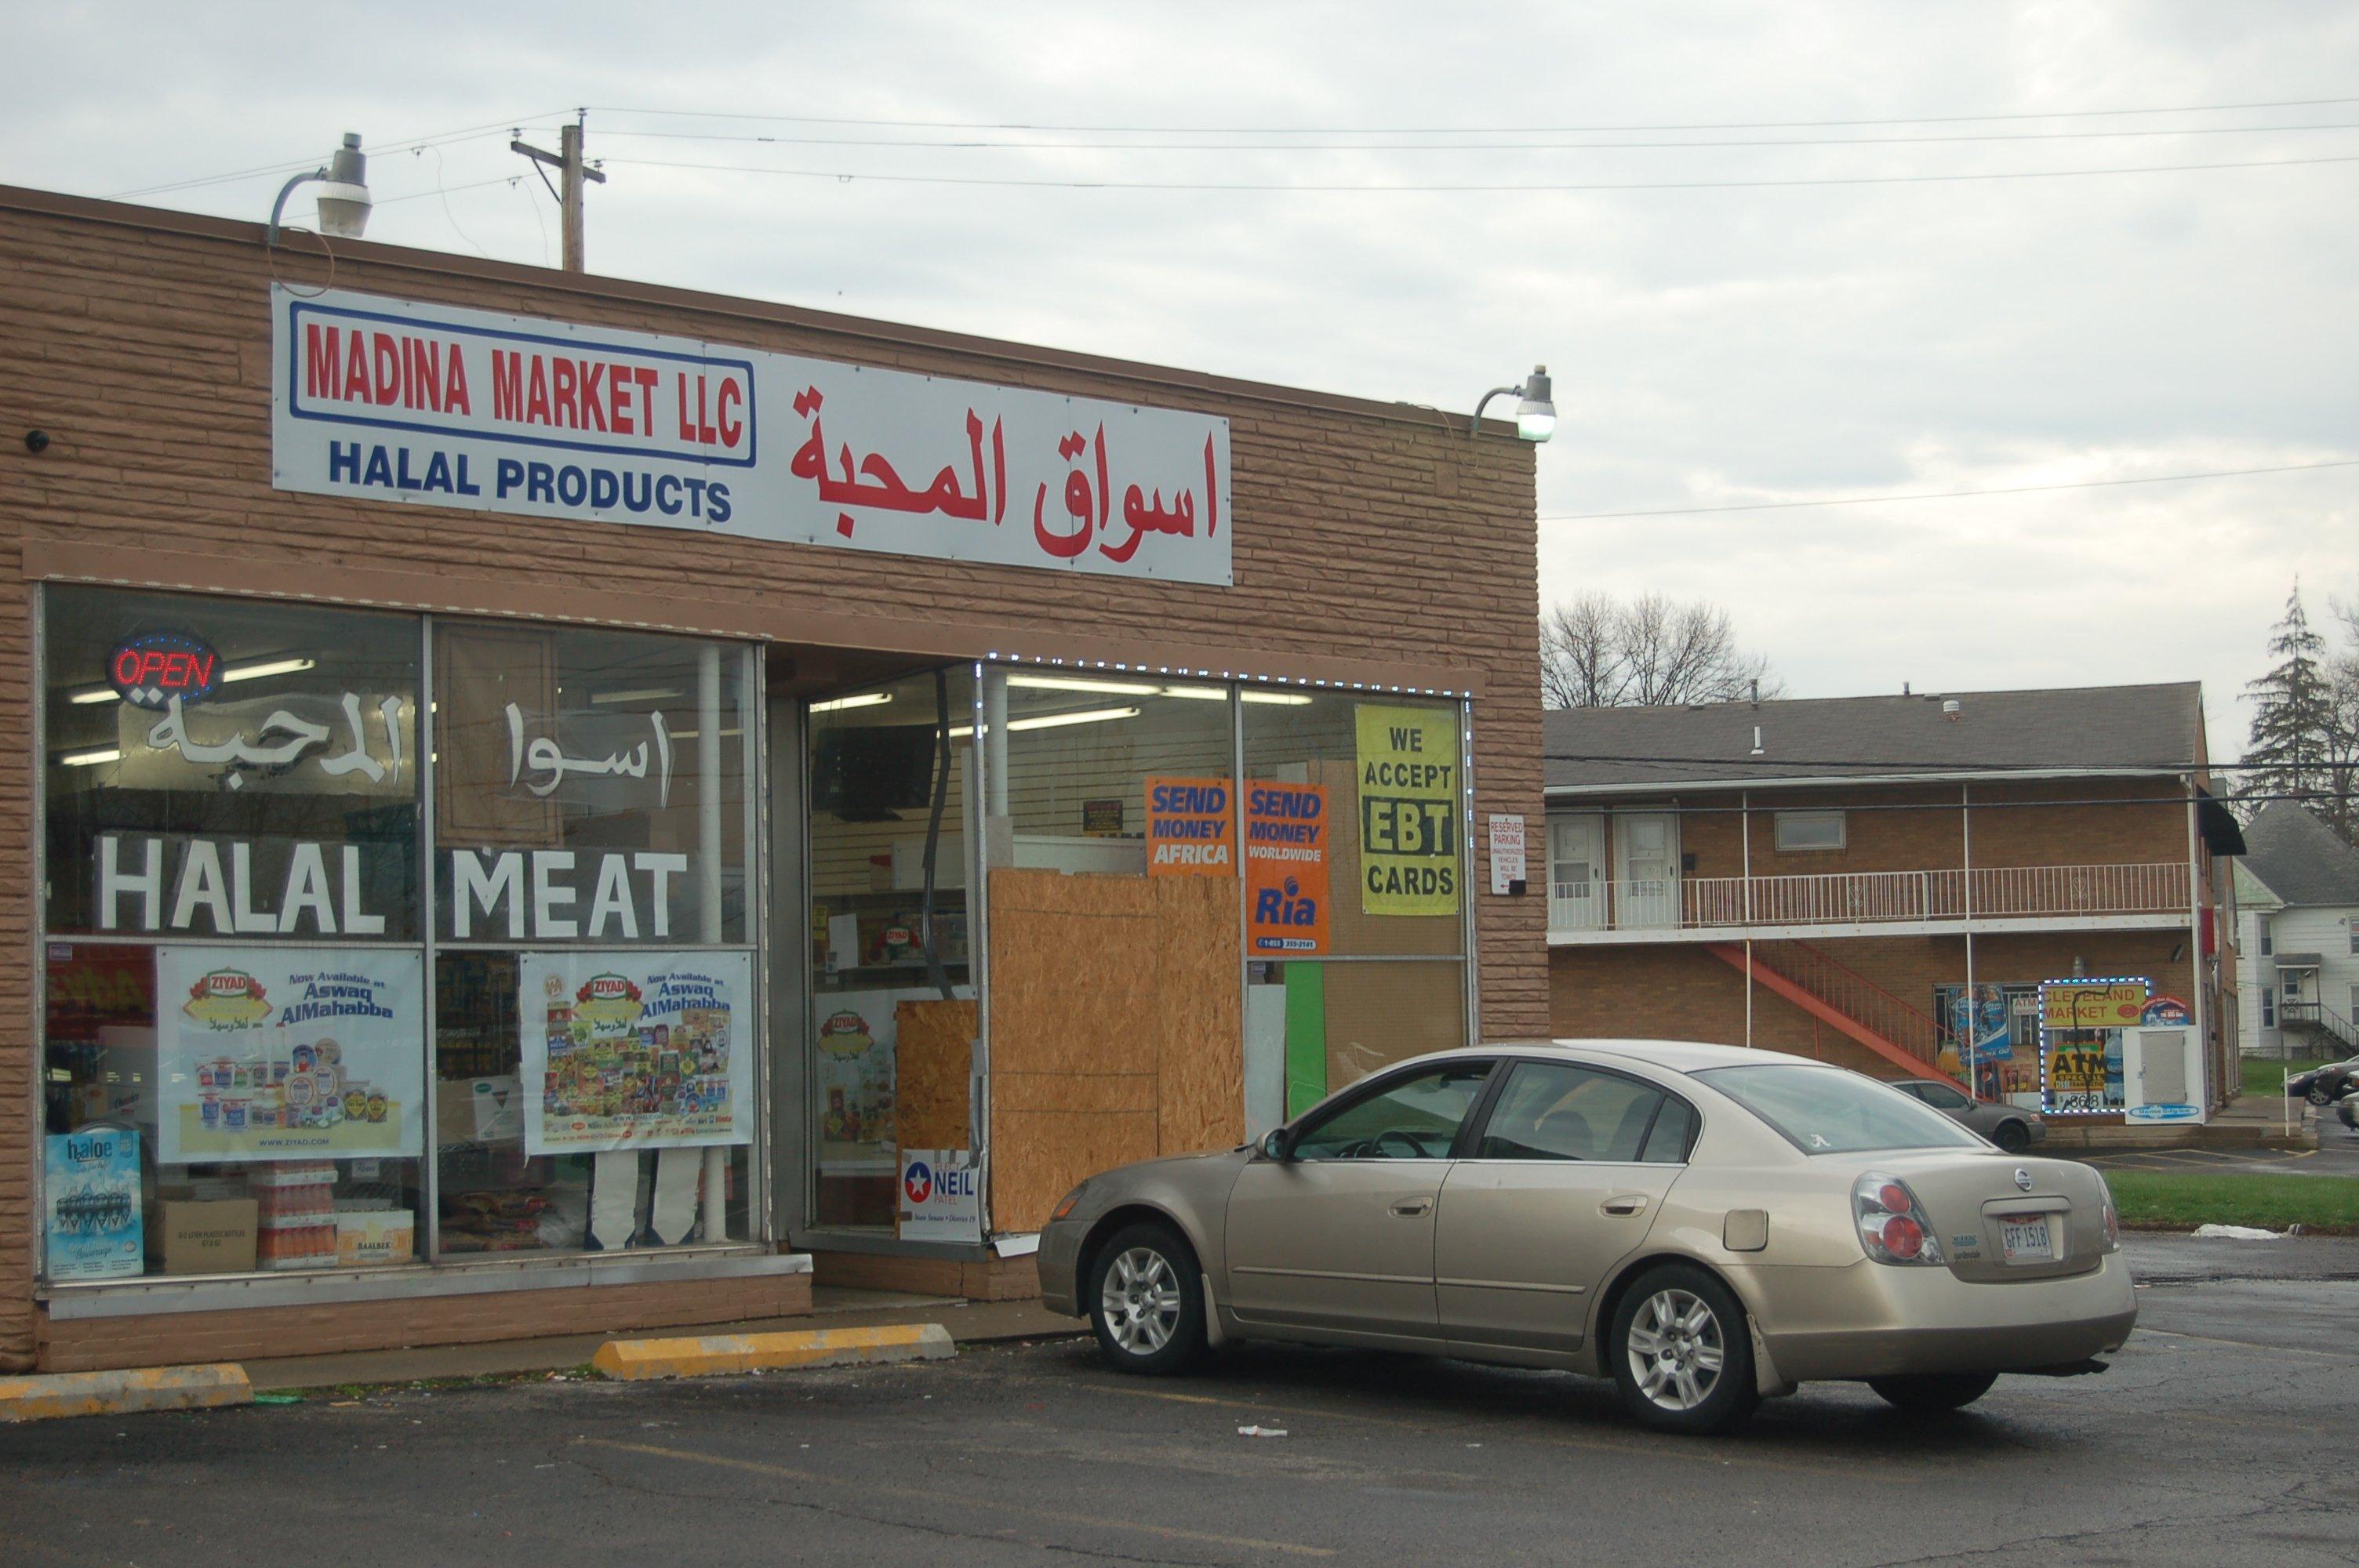 In Columbus, Somalis Live Under Suspicion - Belt Magazine